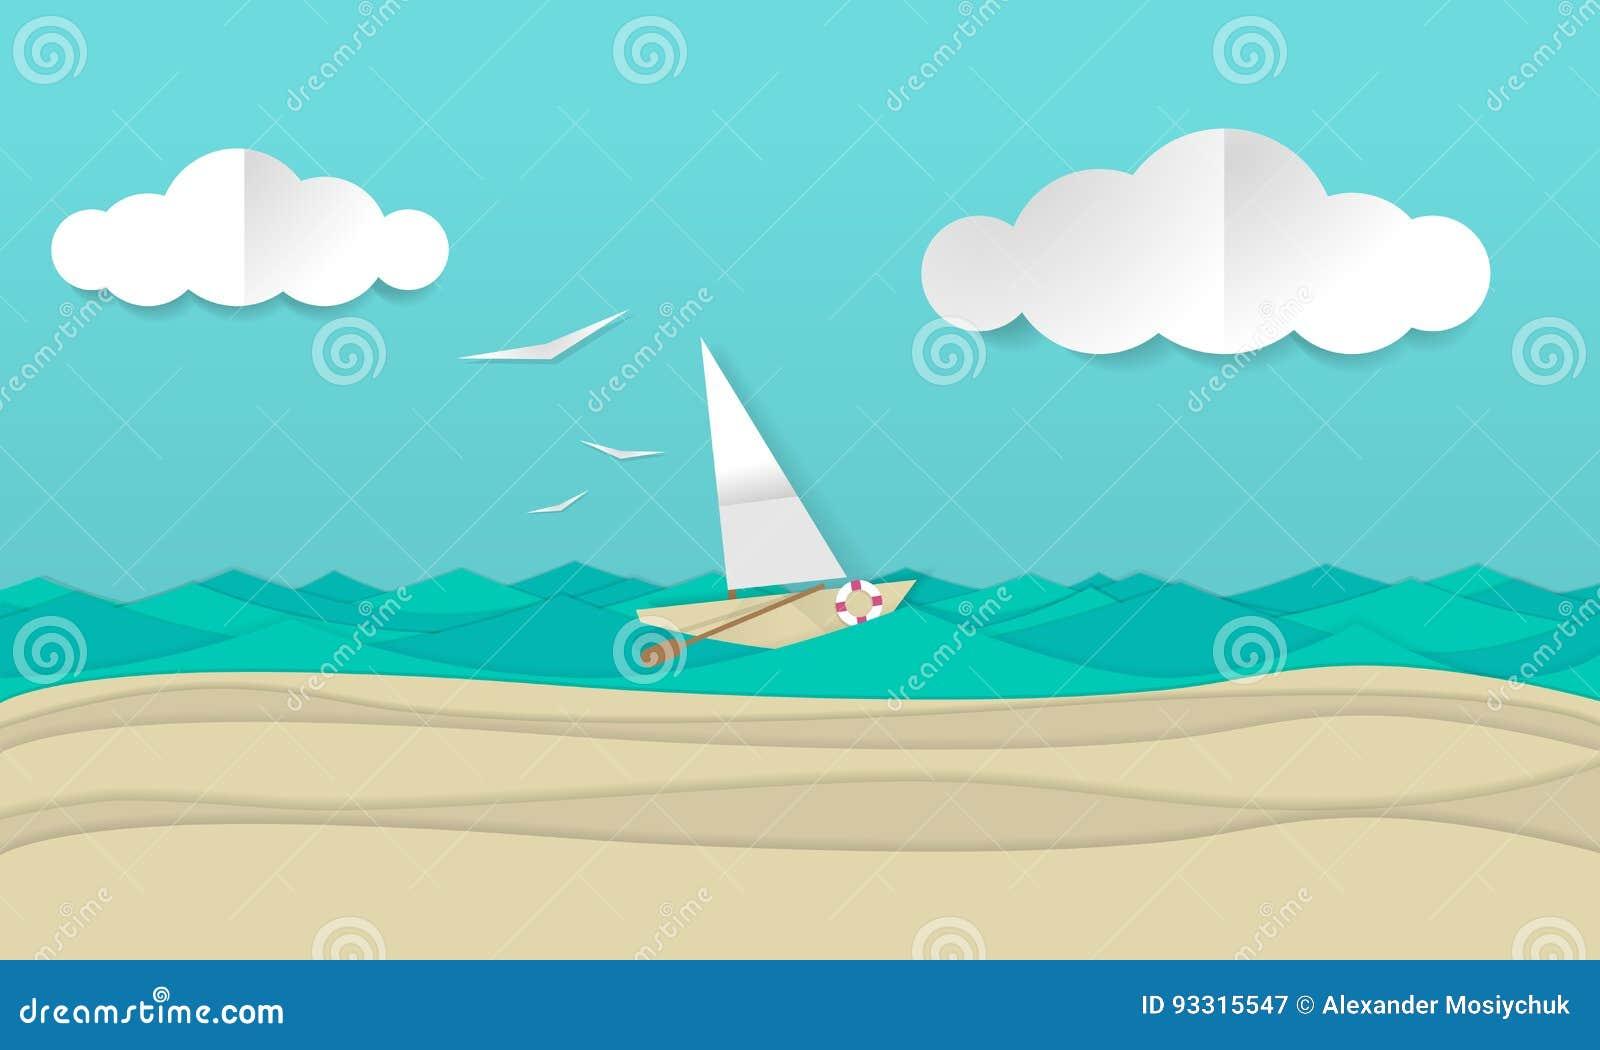 Konstillustration för pappers- hantverk av ett segelbåtskepp som seglar vågorna